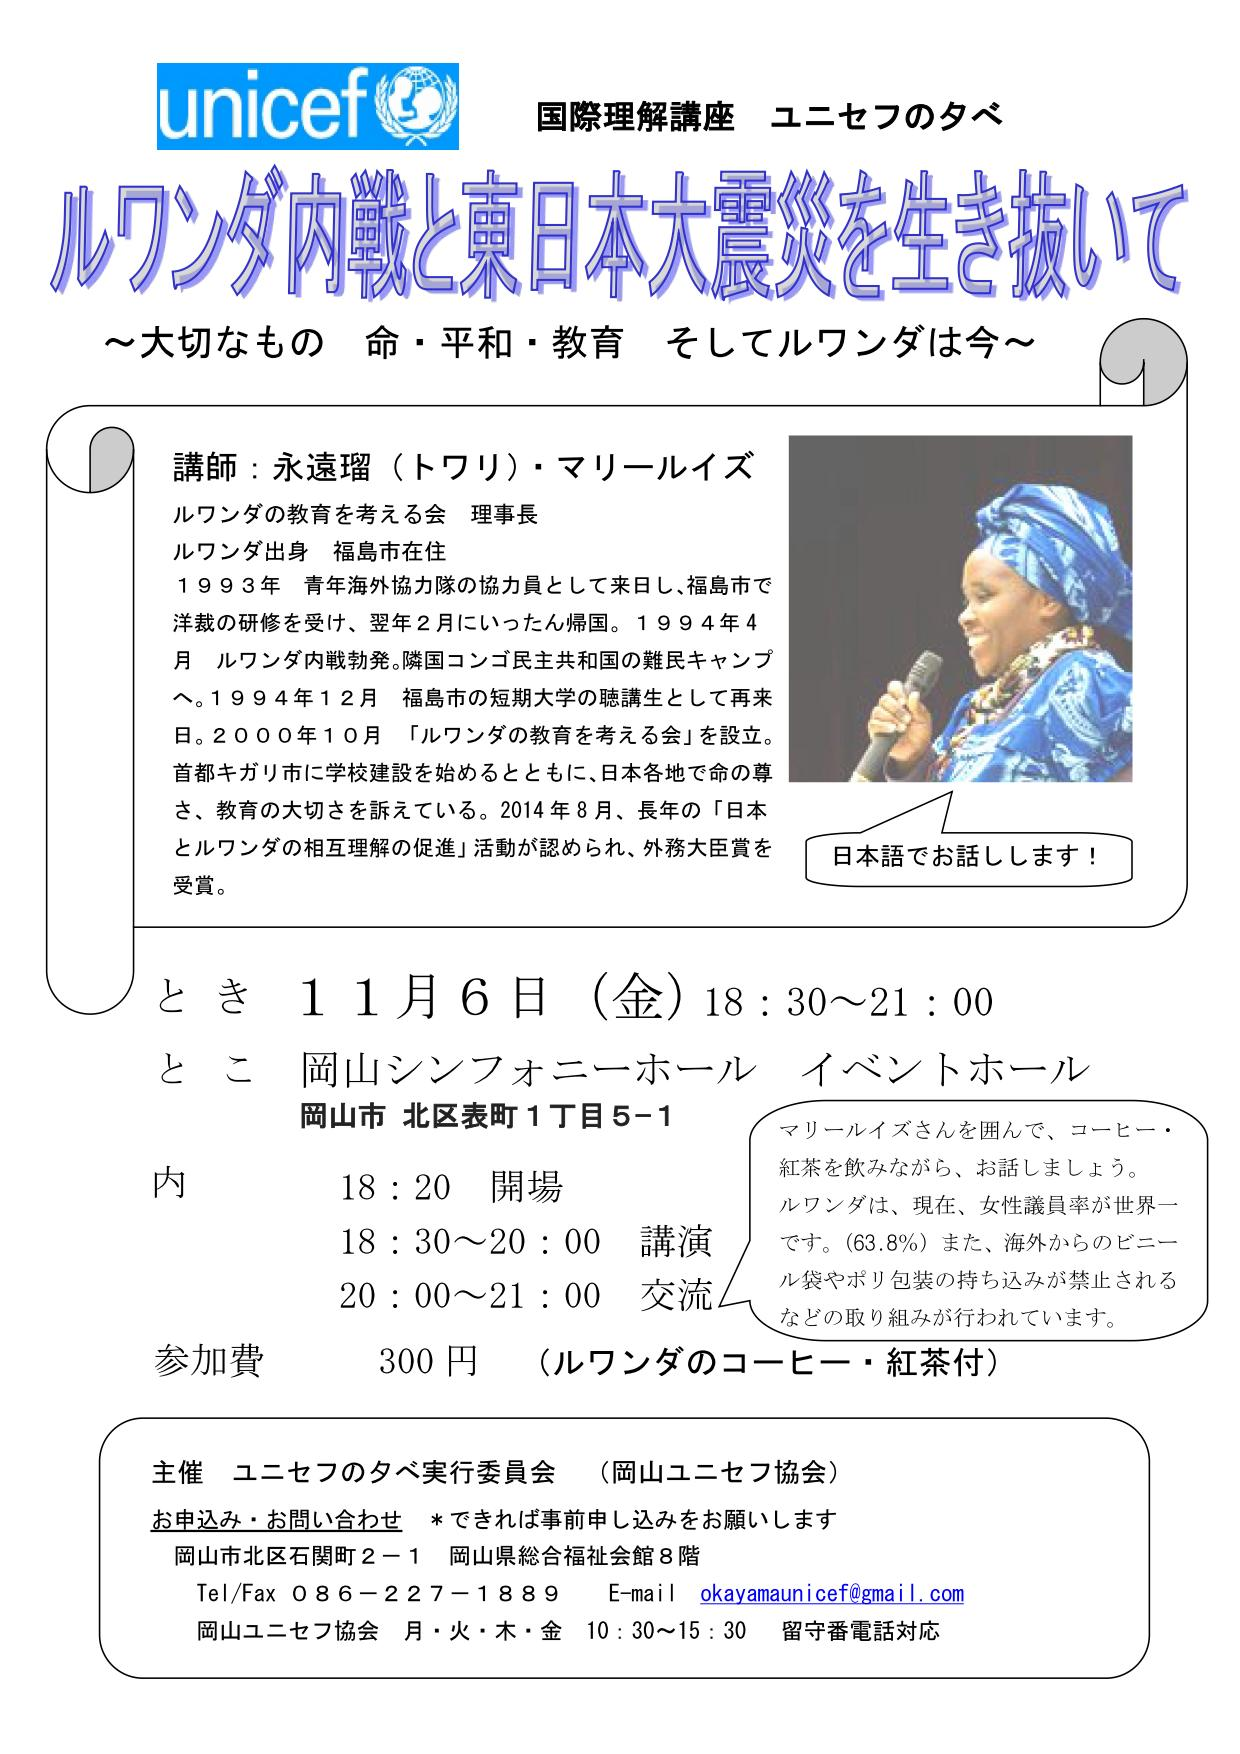 20151106_岡山県ユニセフ協会.jpg